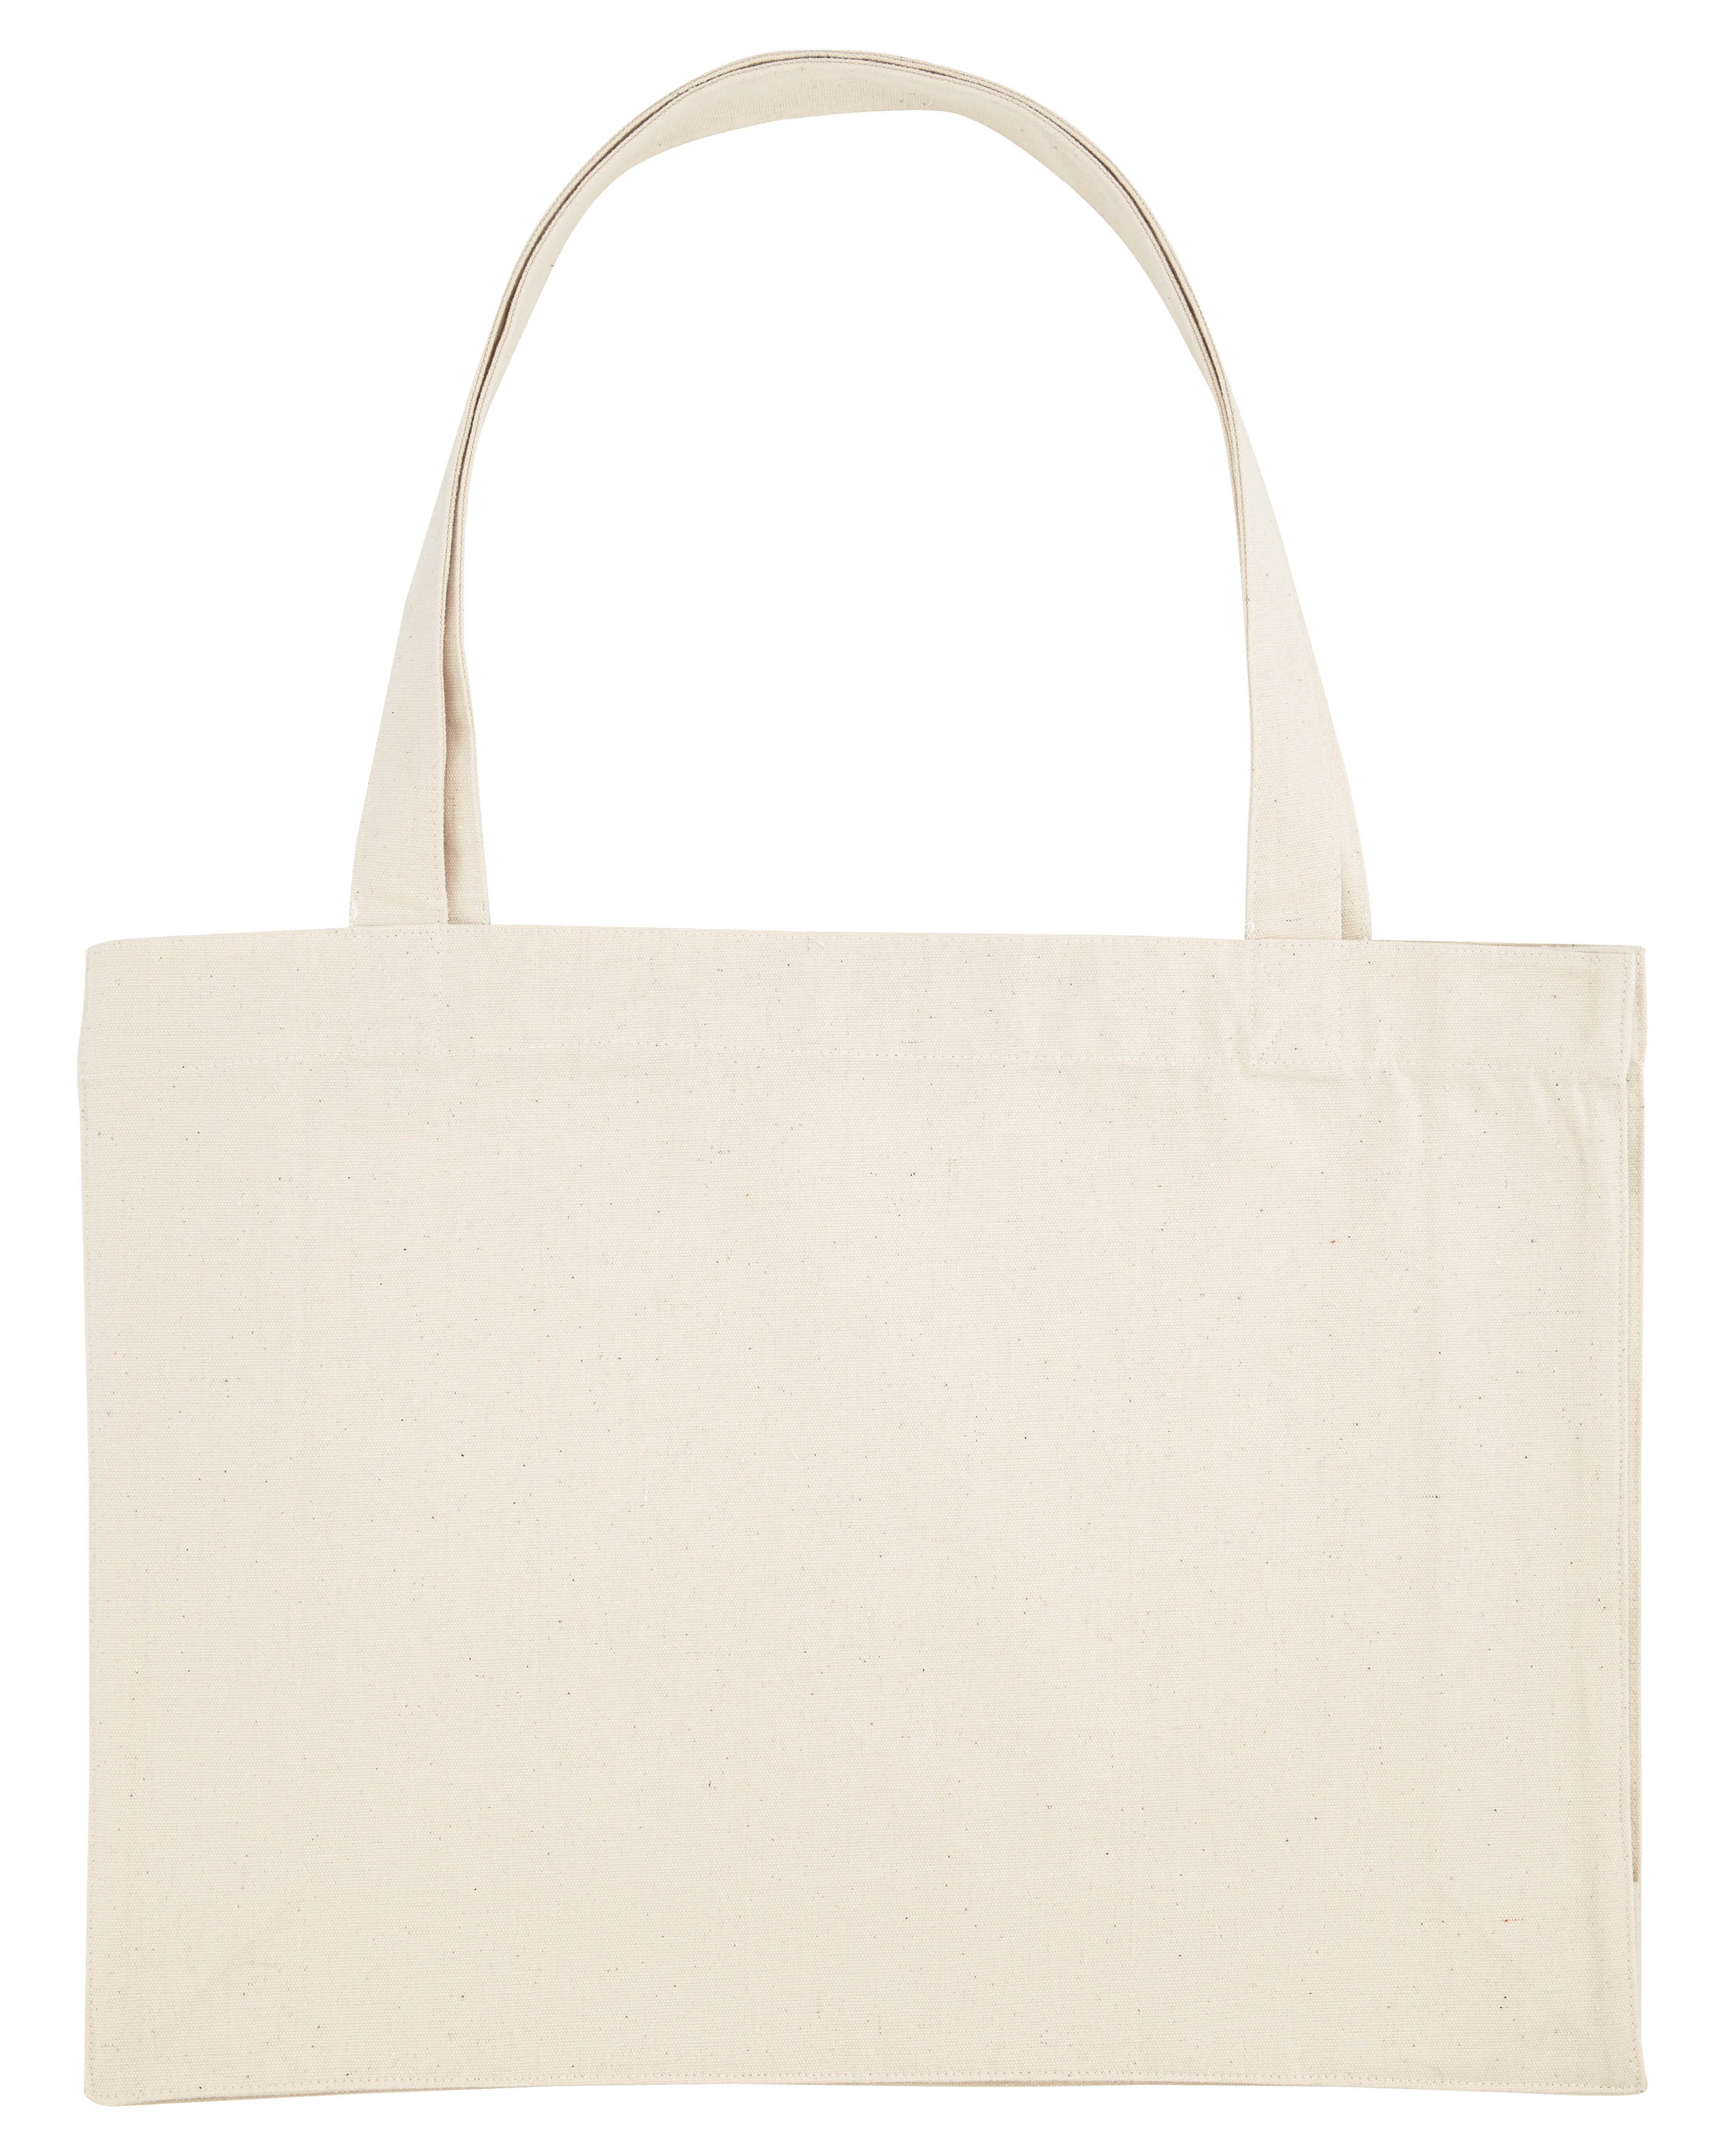 Shopping bag - 81-1048-6